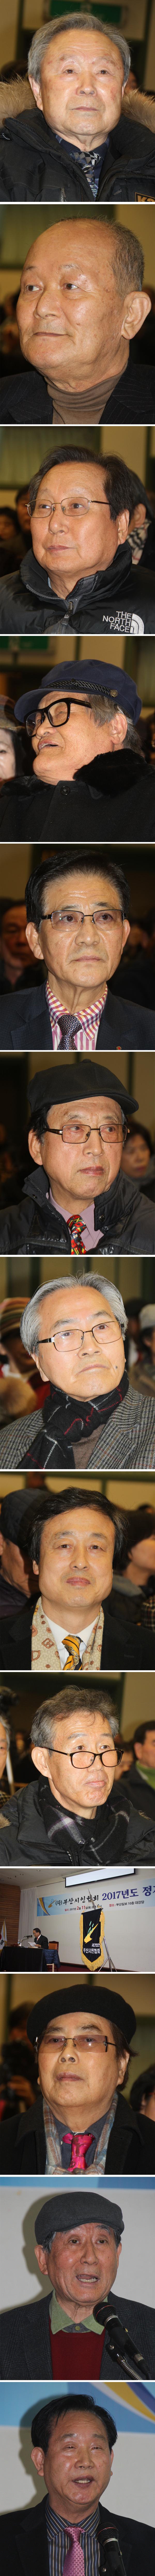 부산시인협회_02.jpg